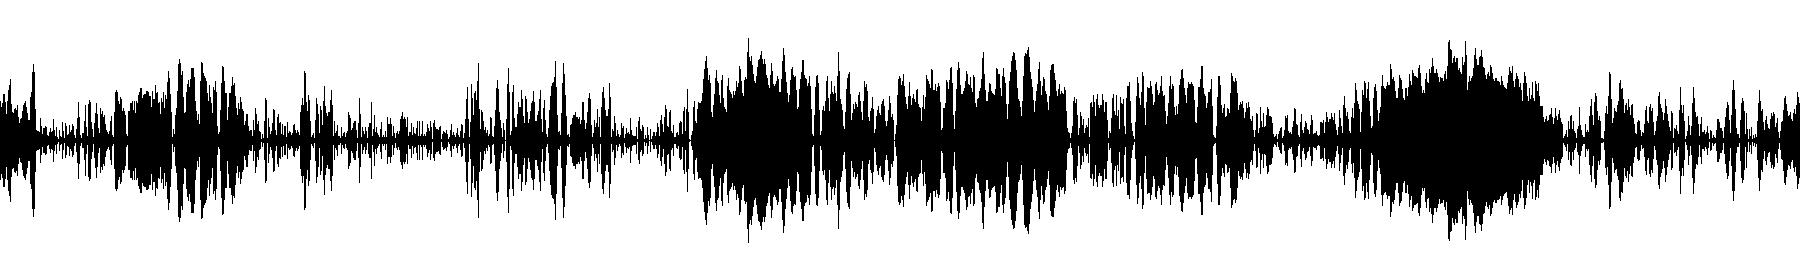 biab glitchhop glitch 17